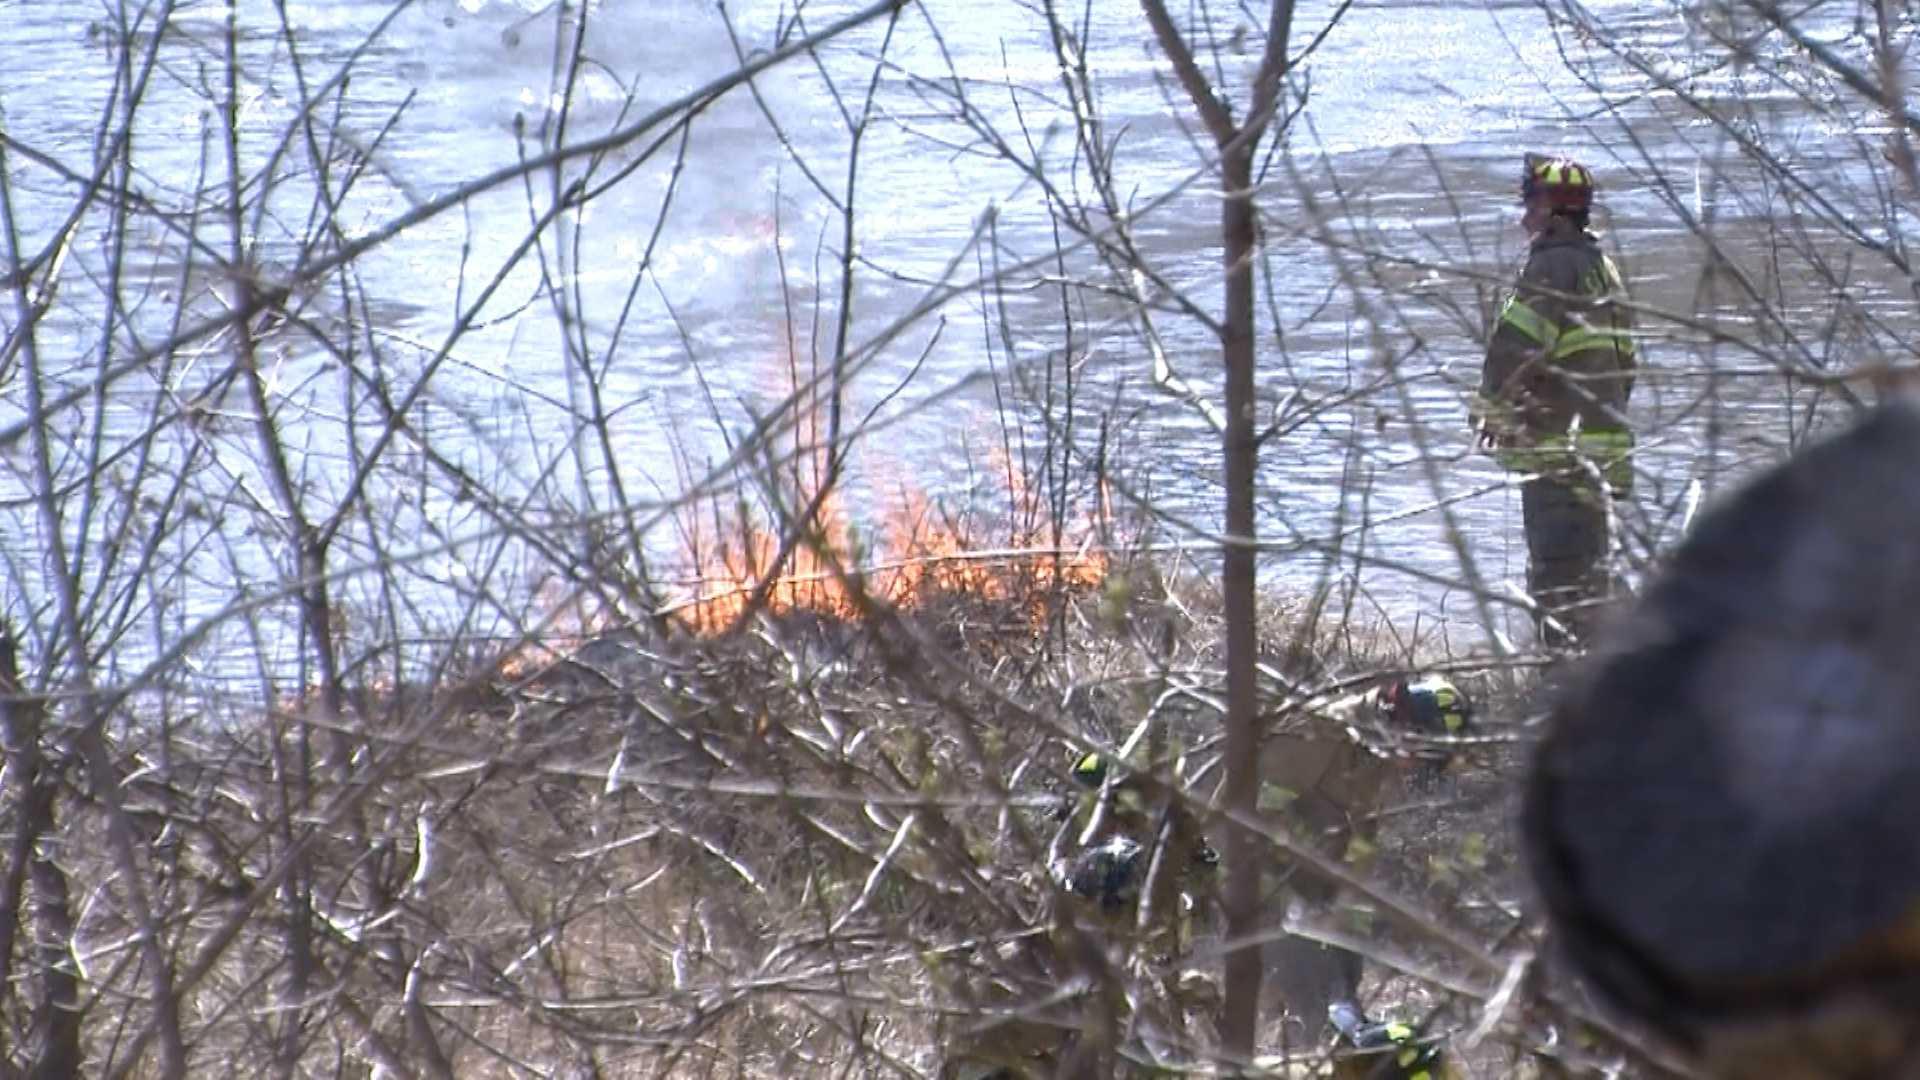 04-21-13 Winooski brush fire - img